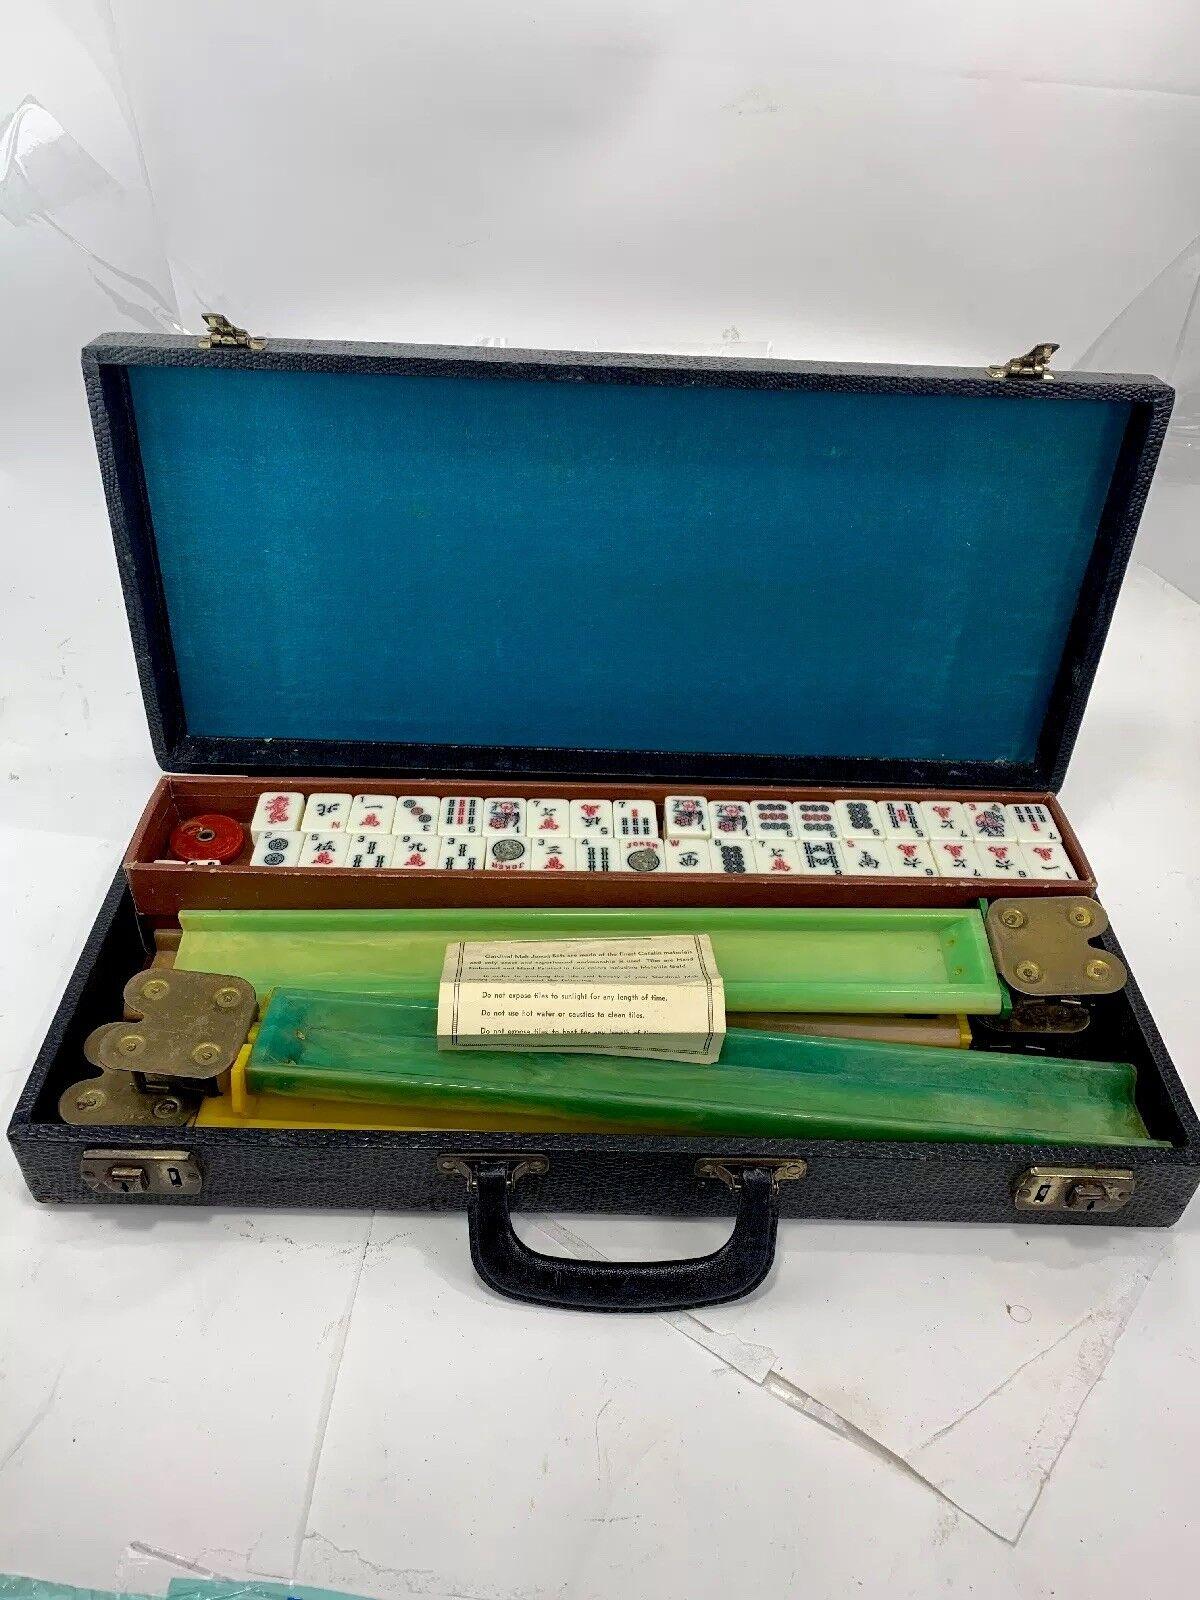 respuestas rápidas Vintage cardenal mAh Jongg Jongg Jongg conjunto 152 Azulejos Mah Jong Mahjong Rack De Baquelita 4 Jocker  online barato